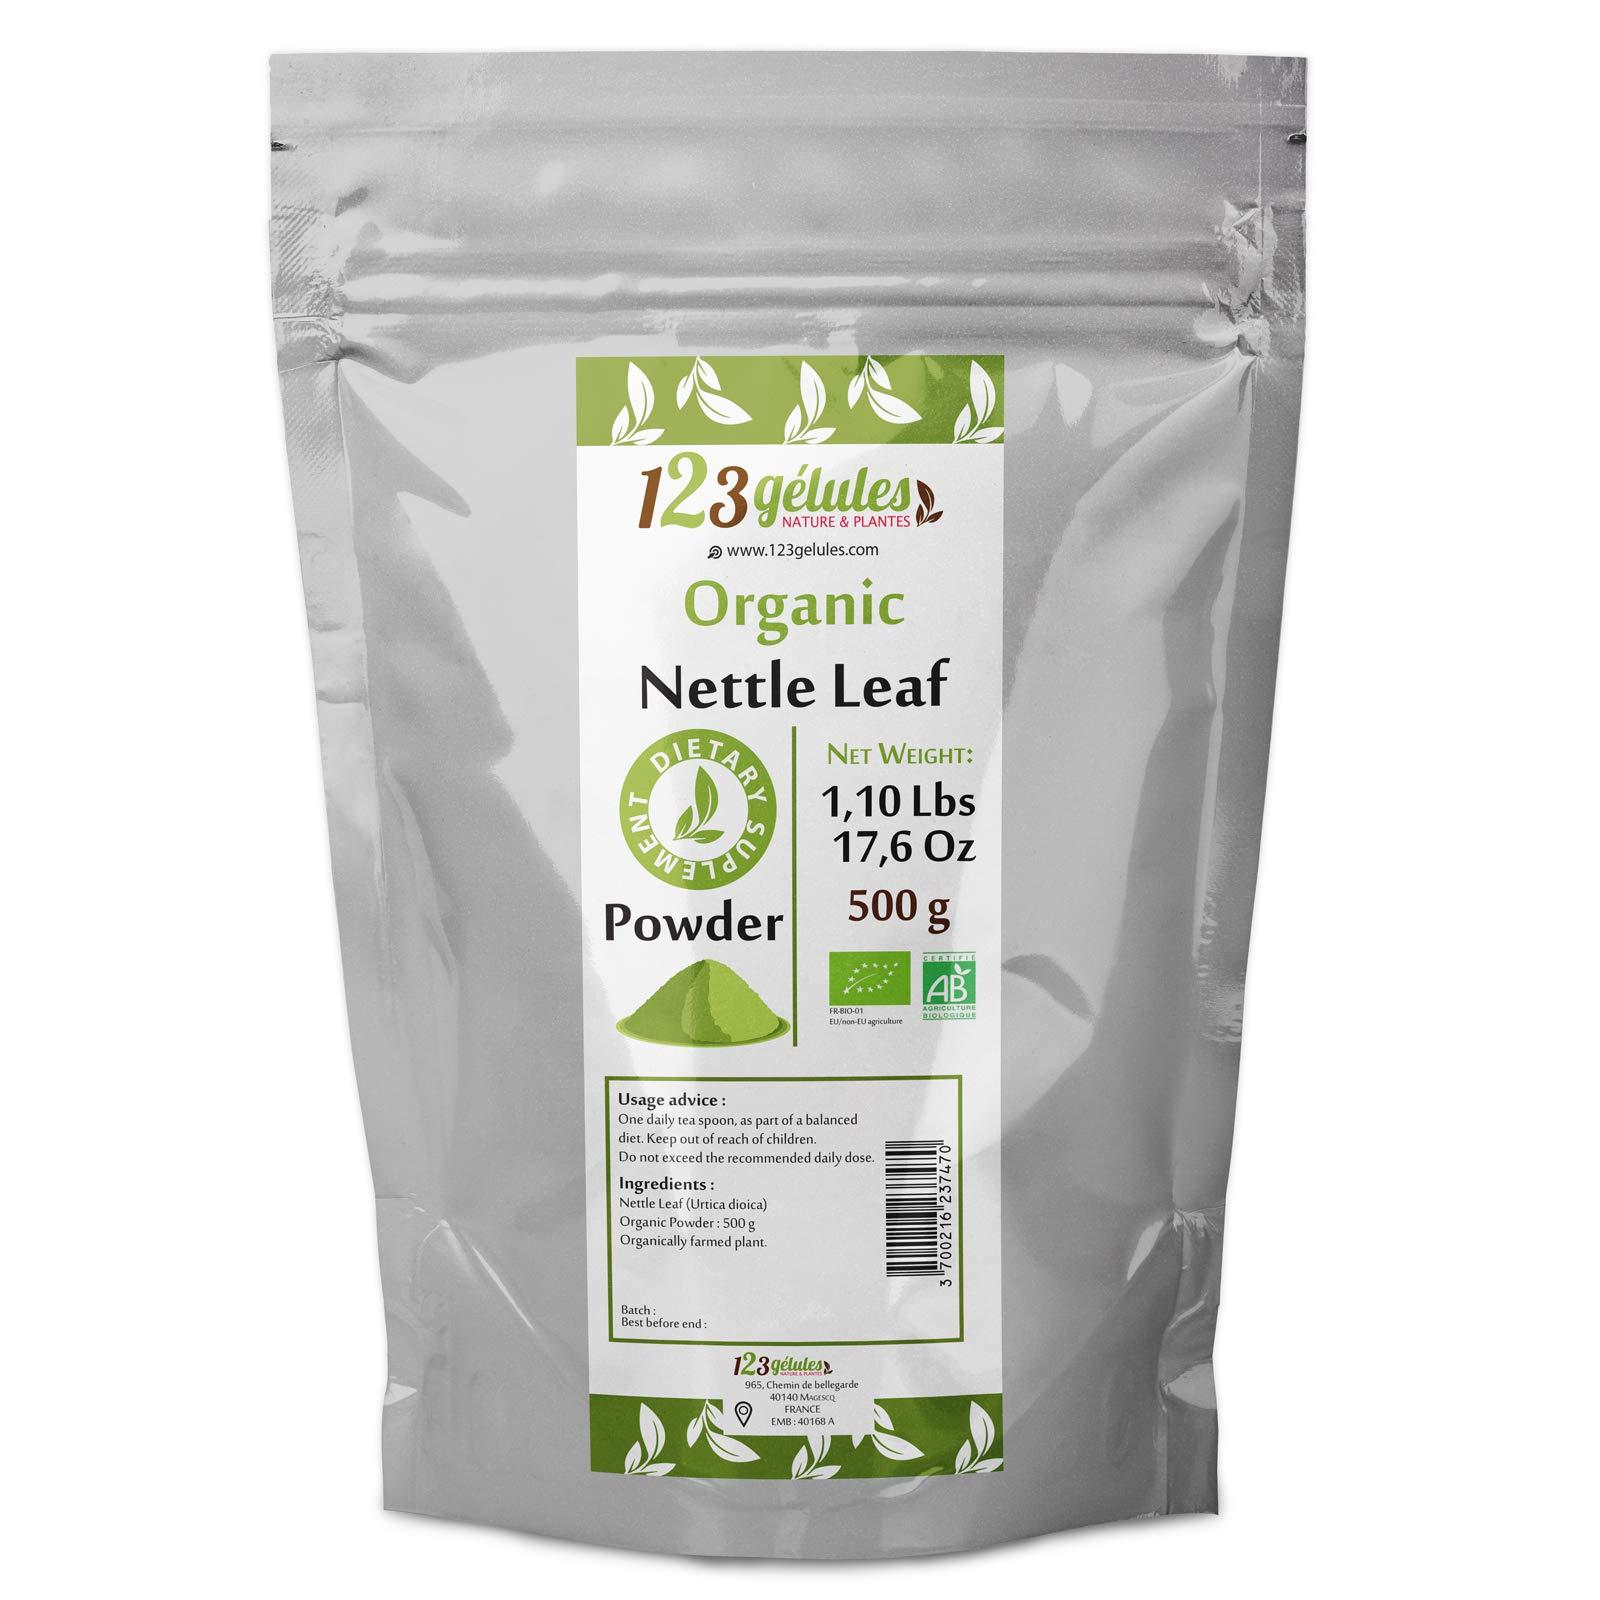 Organic Nettle Leaf Powder 500g - 1.10 Lbs